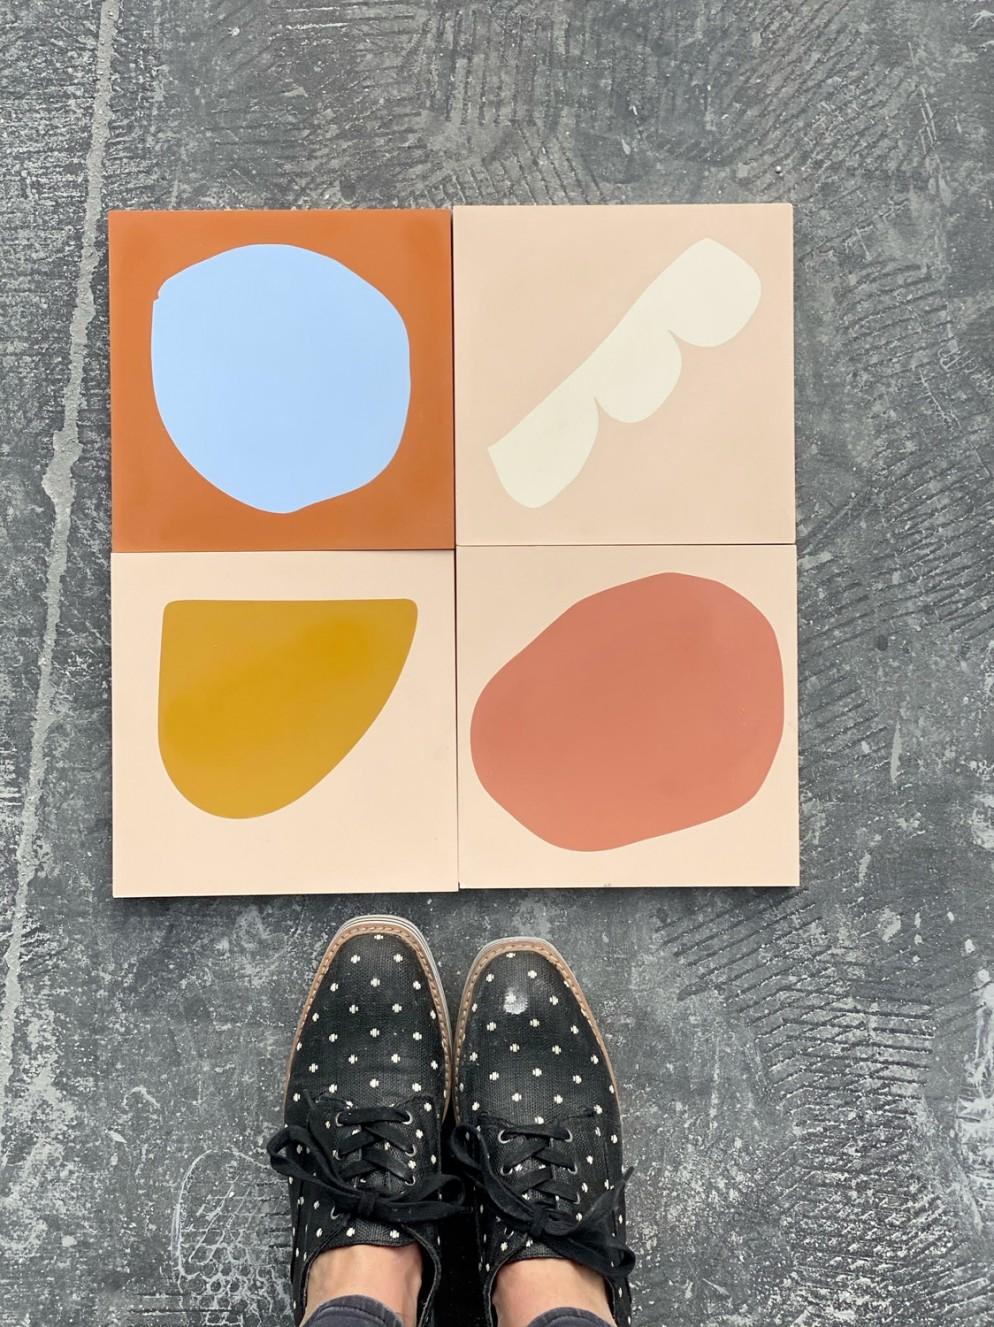 piastrelle-design-2021-ConcreteCollaborative_AlexProba-living-corriere